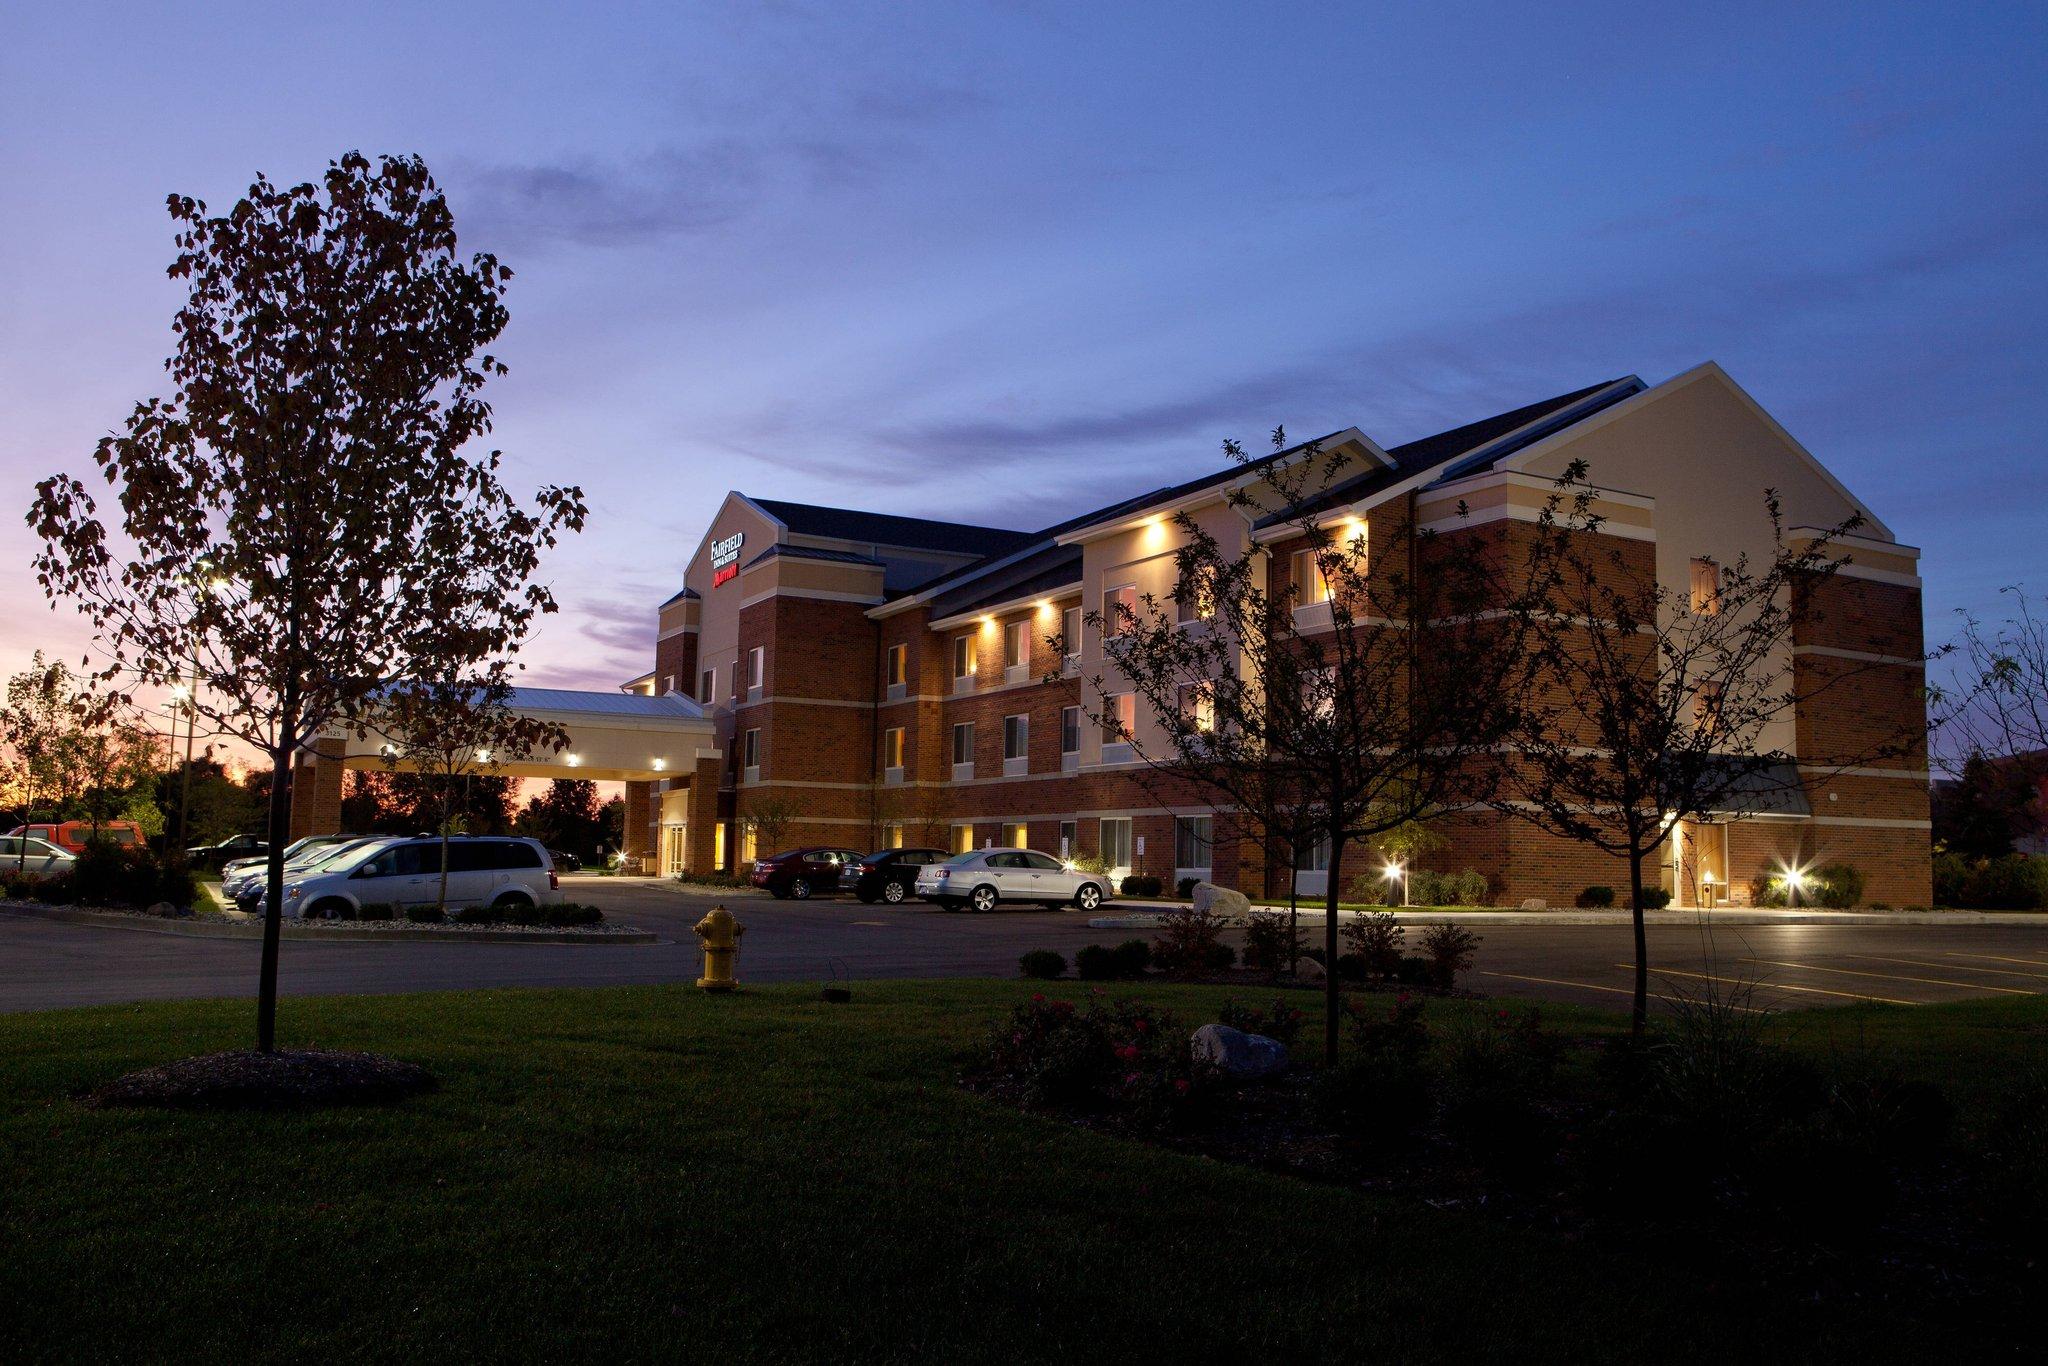 Fairfield Inn and Suites by Marriott Flint Fenton